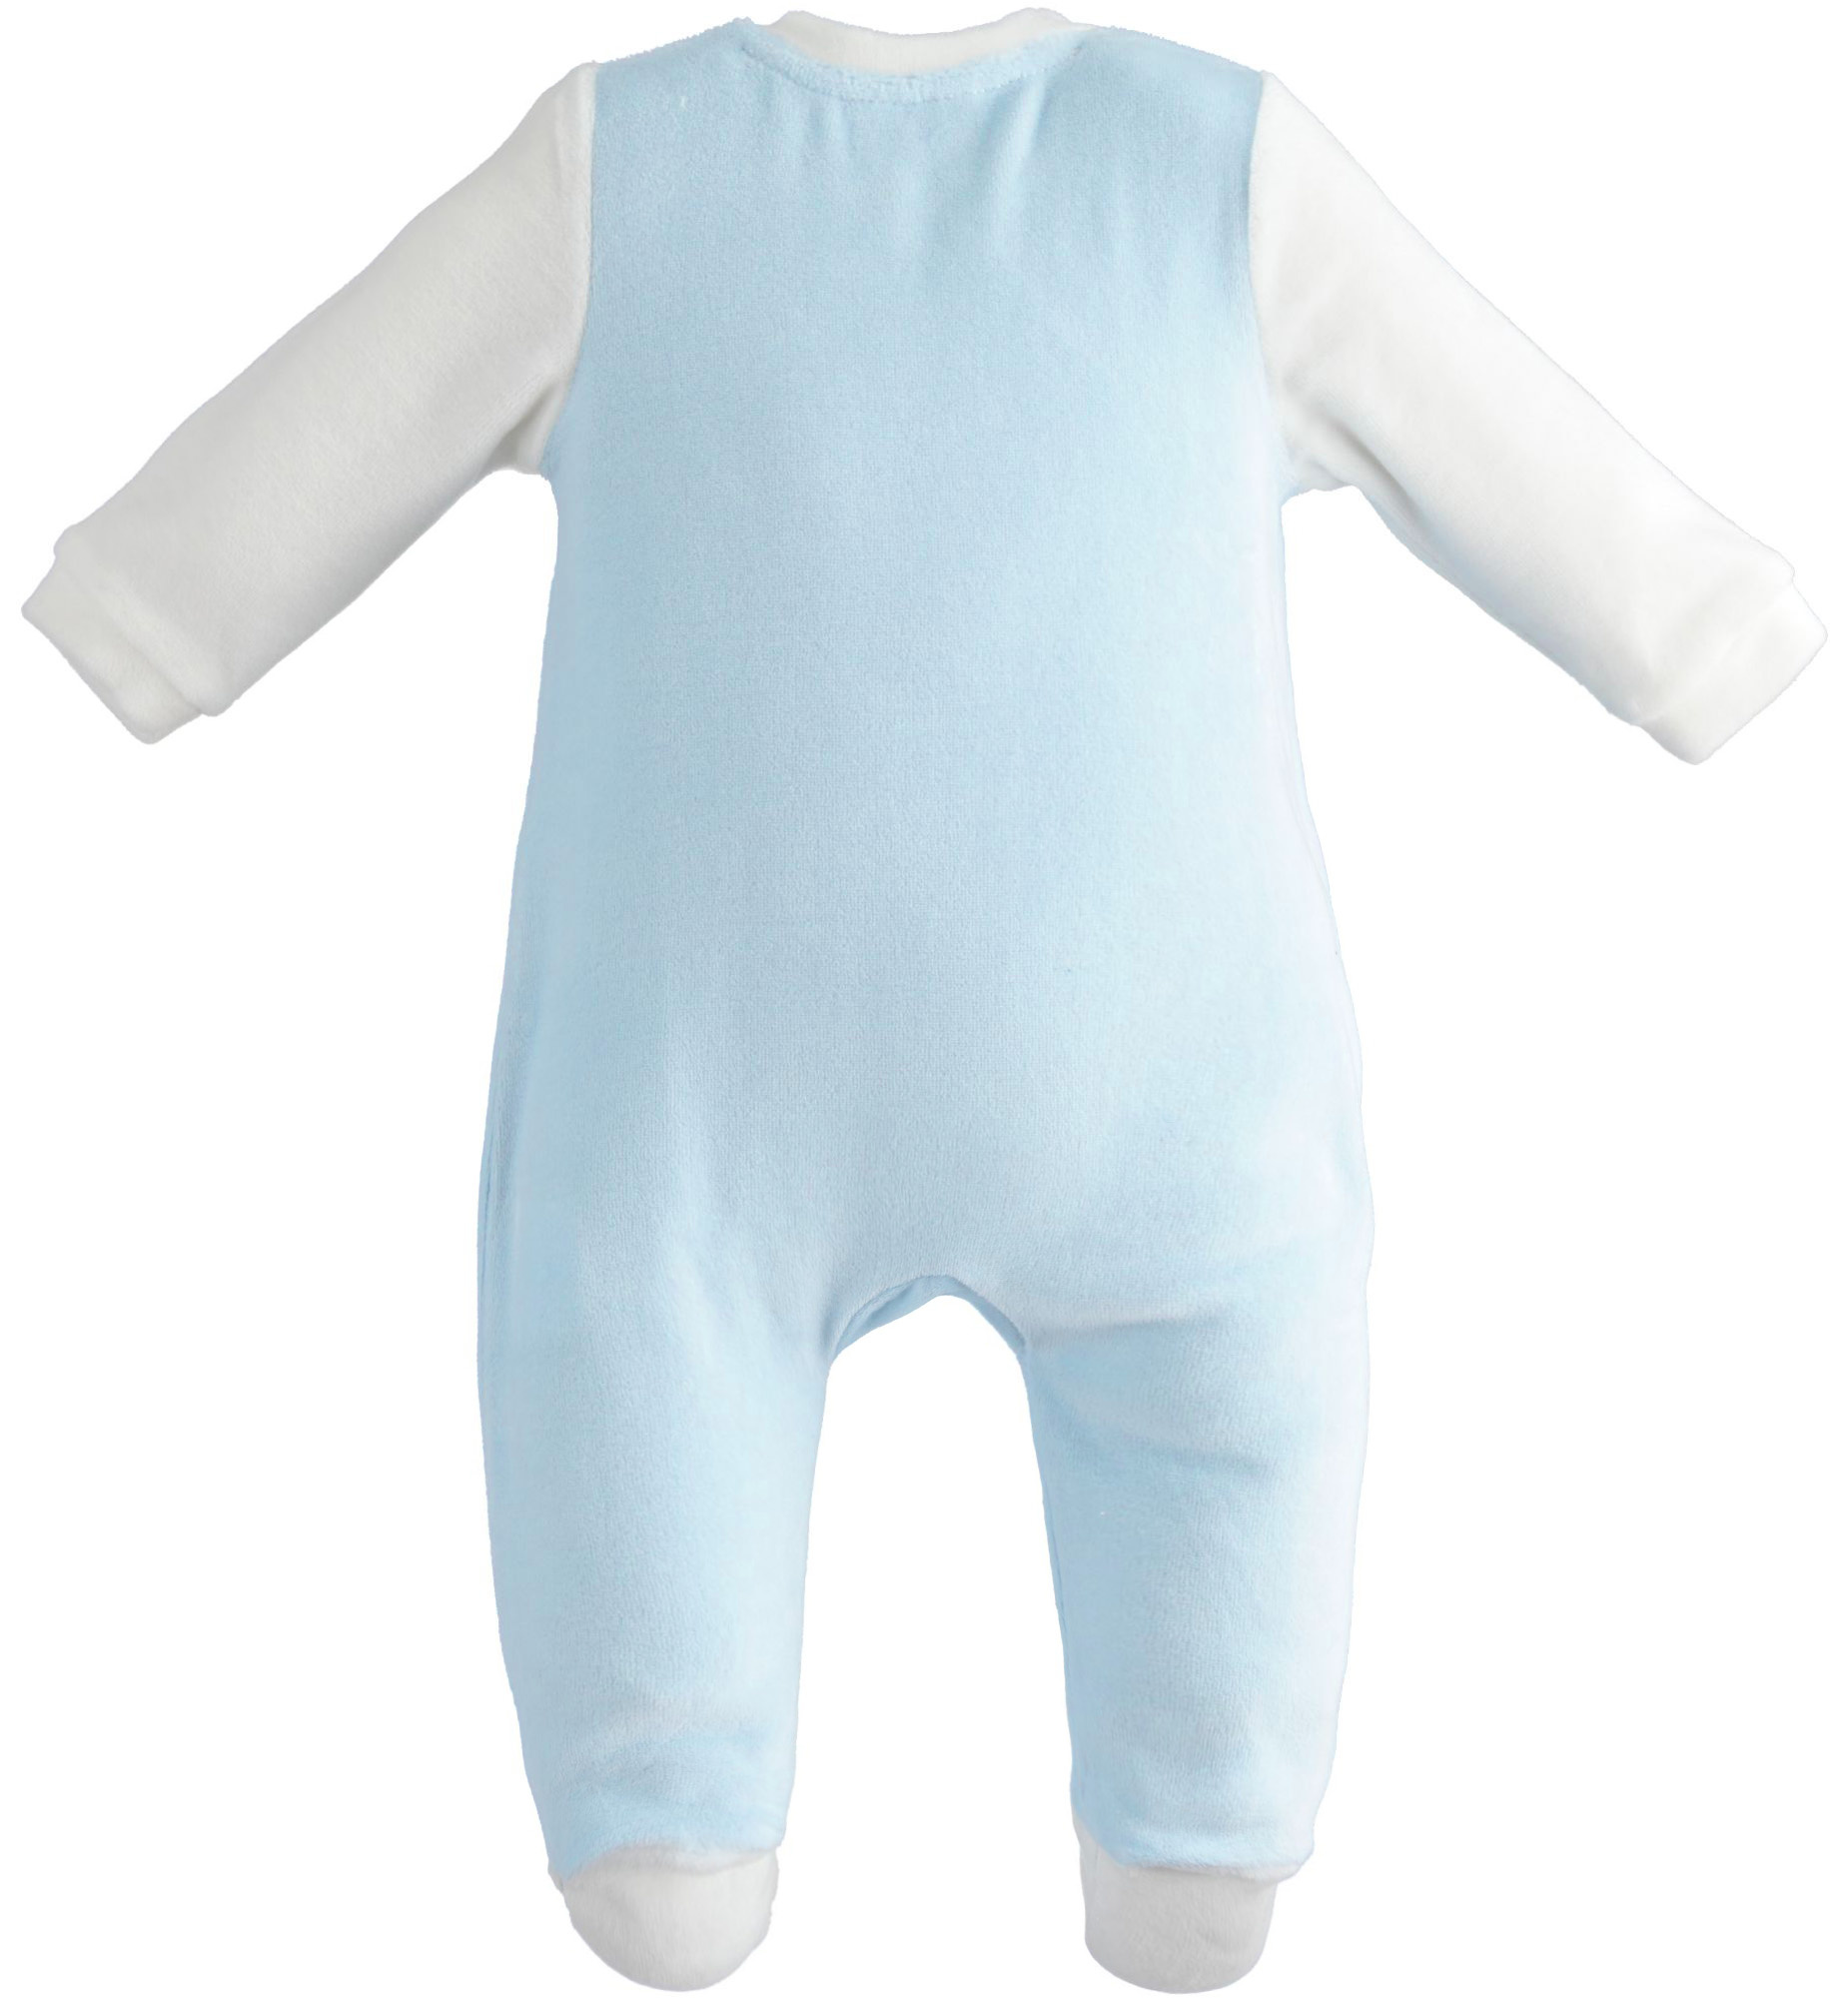 Ido iDO Blue and White Velour Babygrow - 43161